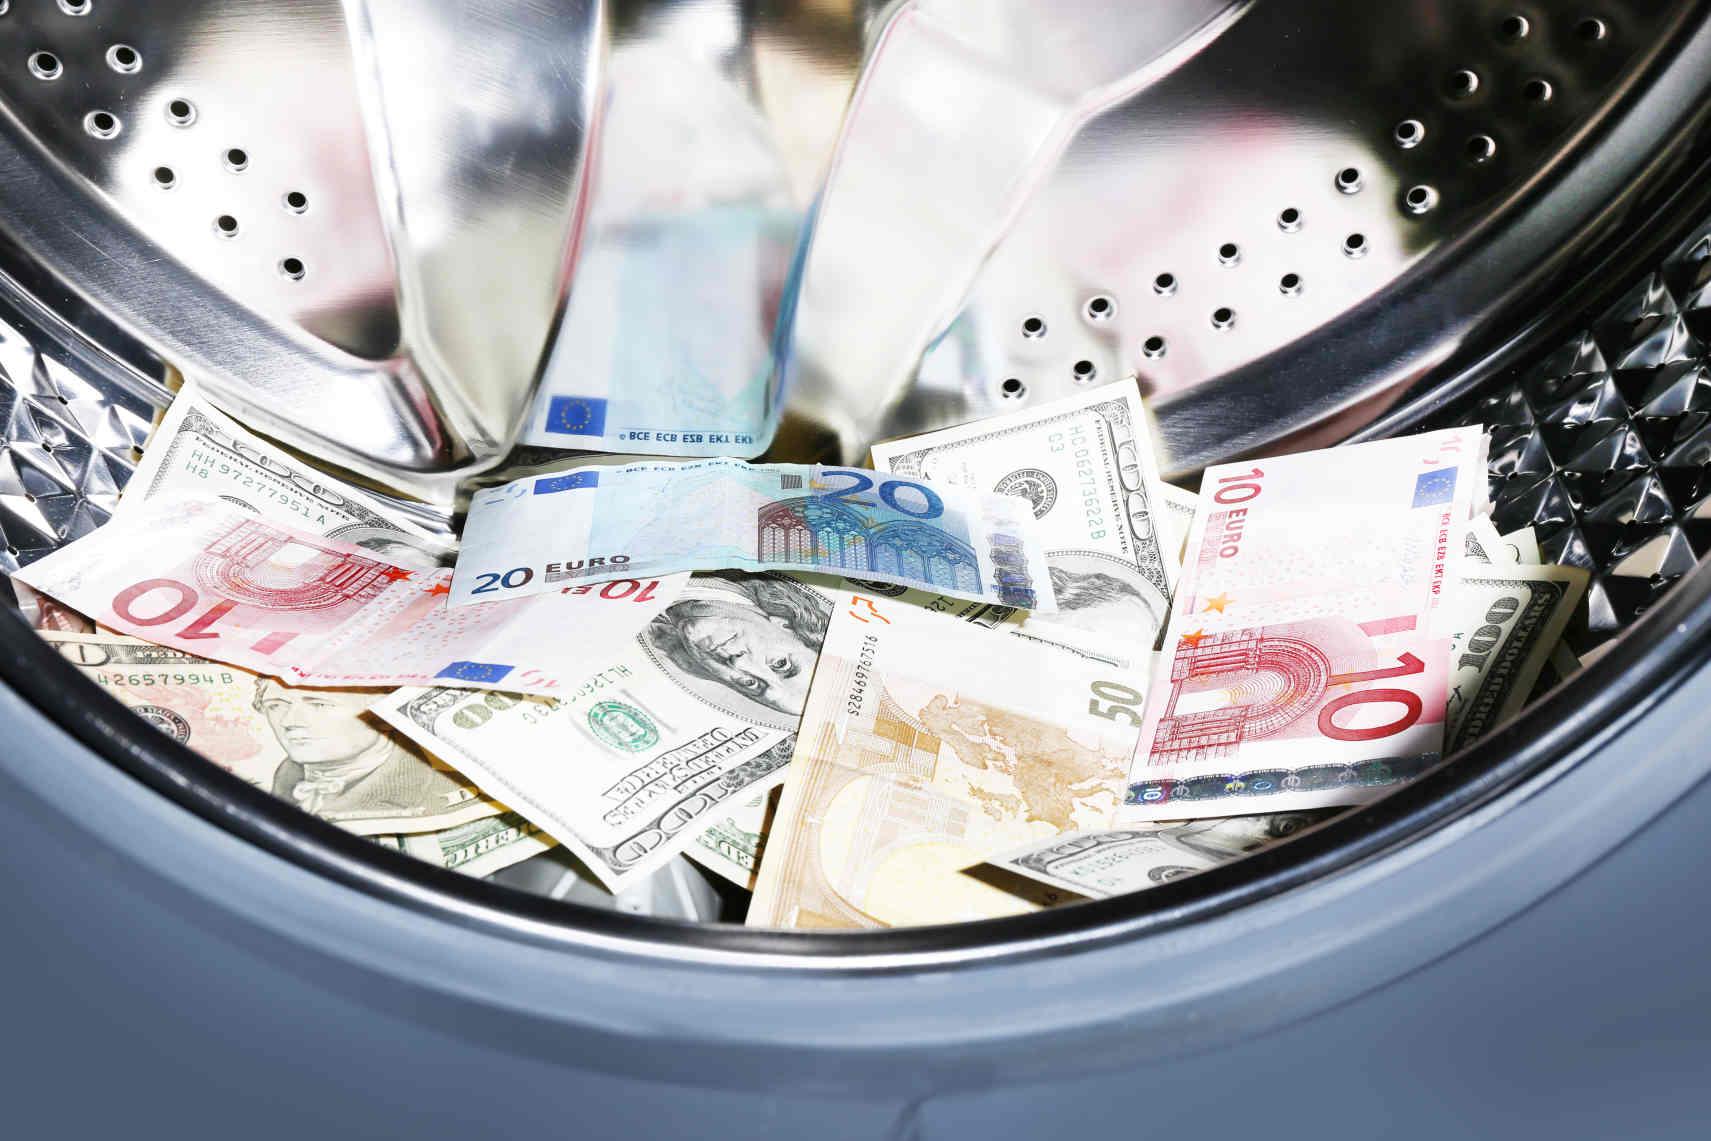 La réglementation des plateformes de financement participatif au service de la lutte contre le blanchiment des capitaux et contre le financement du terrorisme